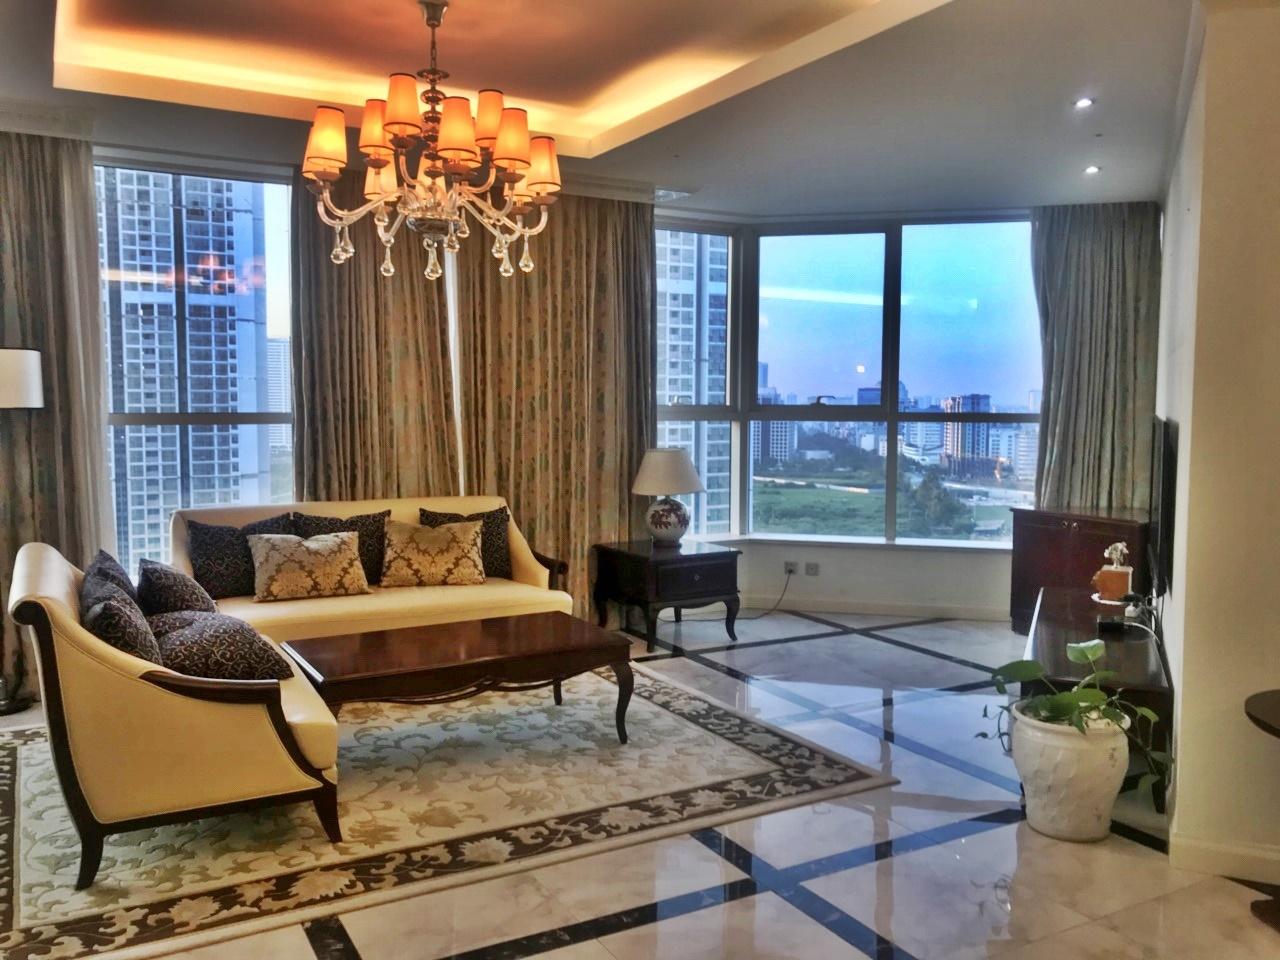 Luxury Keangnam Hanoi Apartment for rent